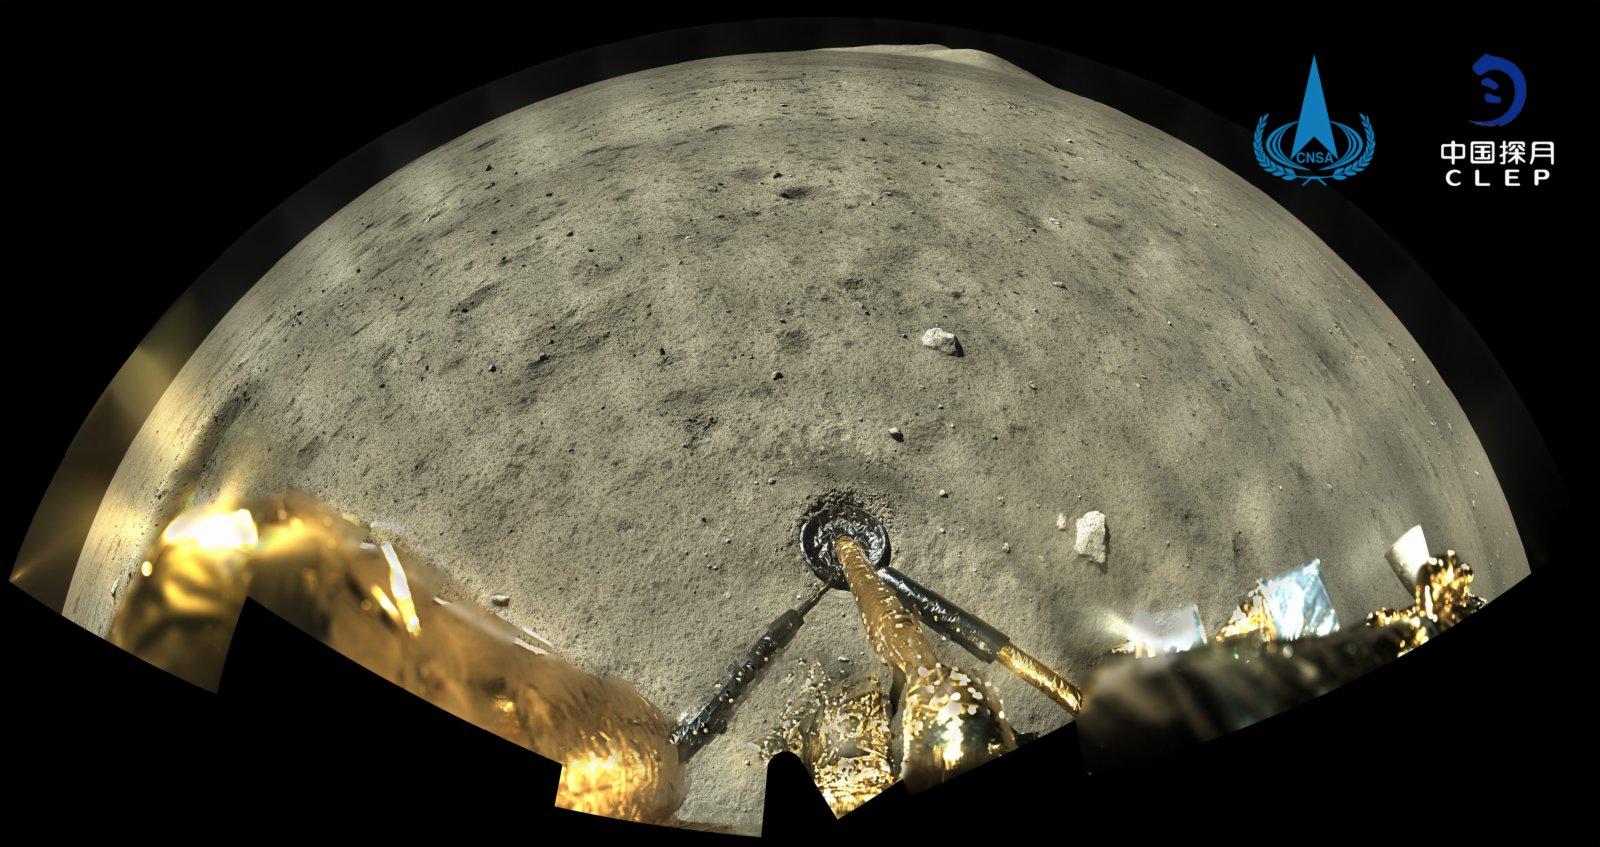 嫦娥五號探測器着陸器和上升器組合體着陸後全景相機環拍成像(12月2日攝)。(國家航天局供圖)